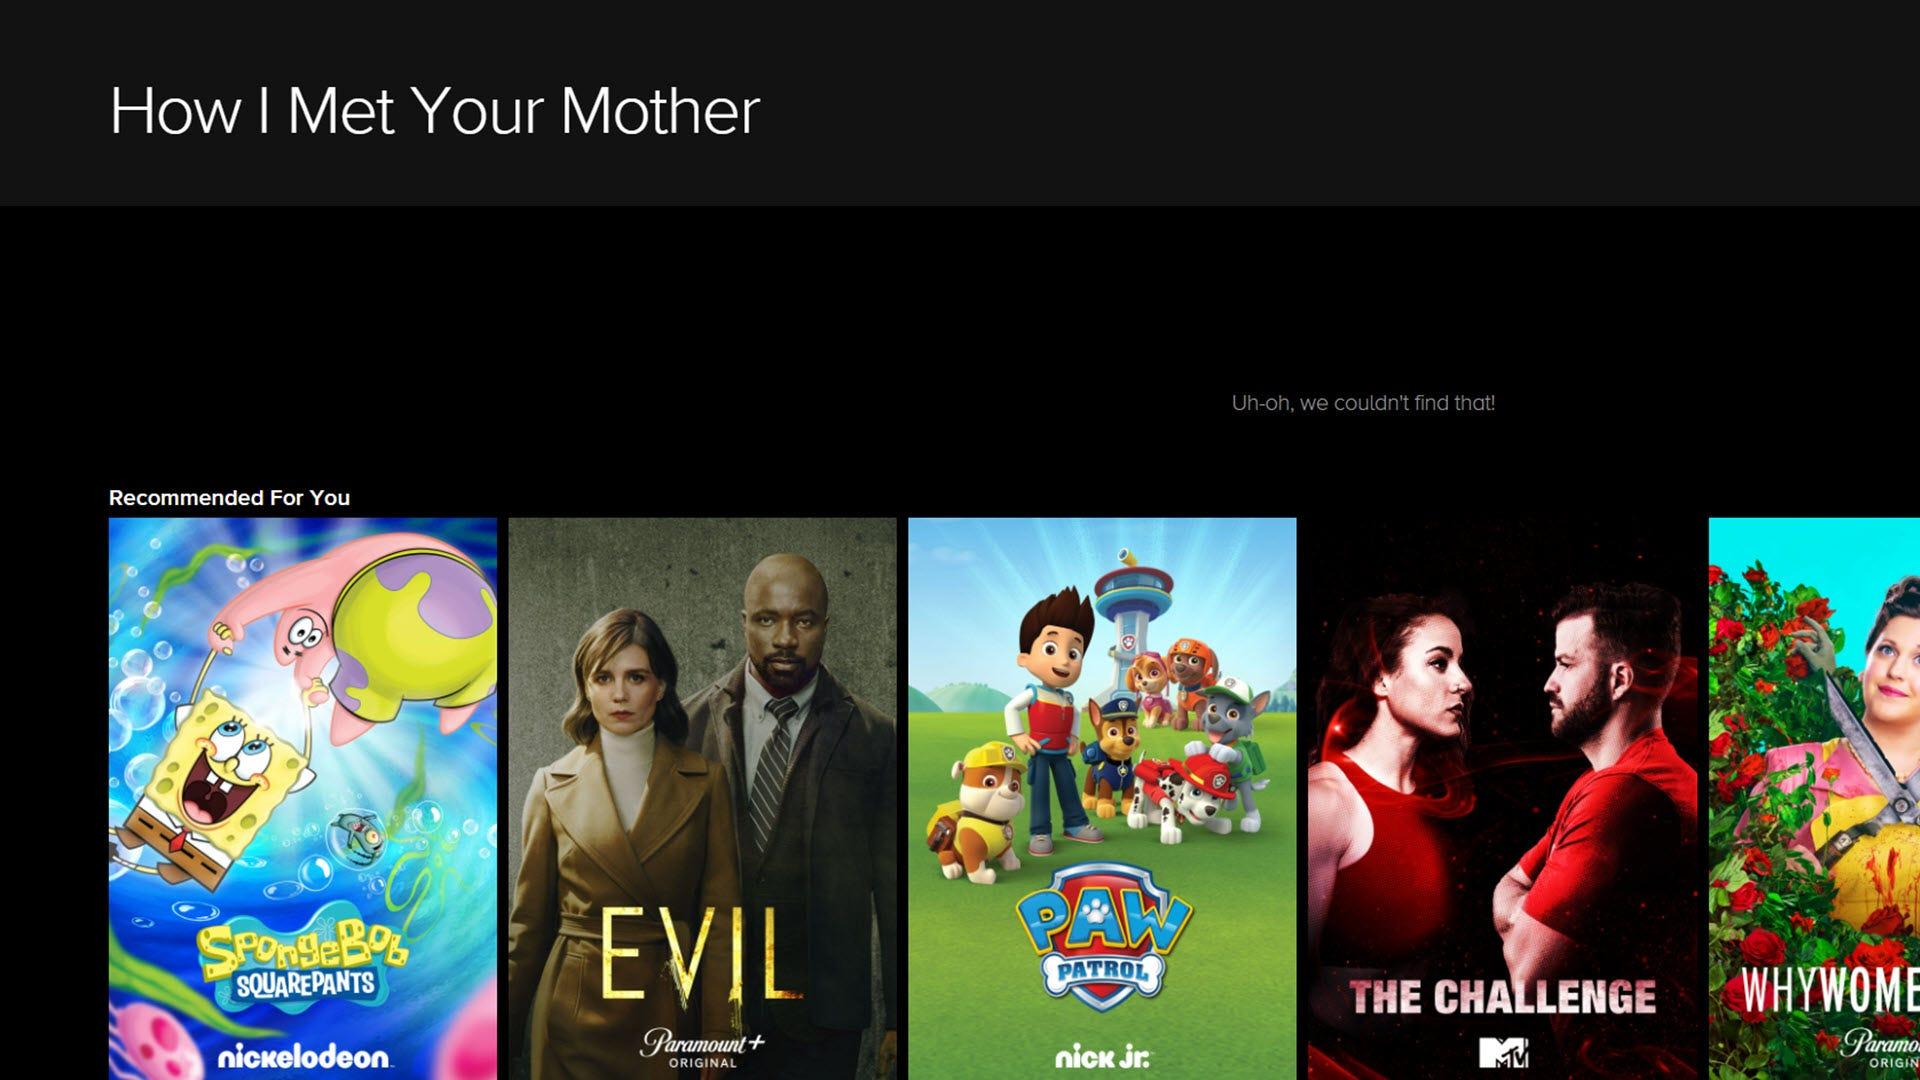 """O căutare pentru """"Cum m-am întâlnit cu mama ta"""" în Paramount + cu zero rezultate."""